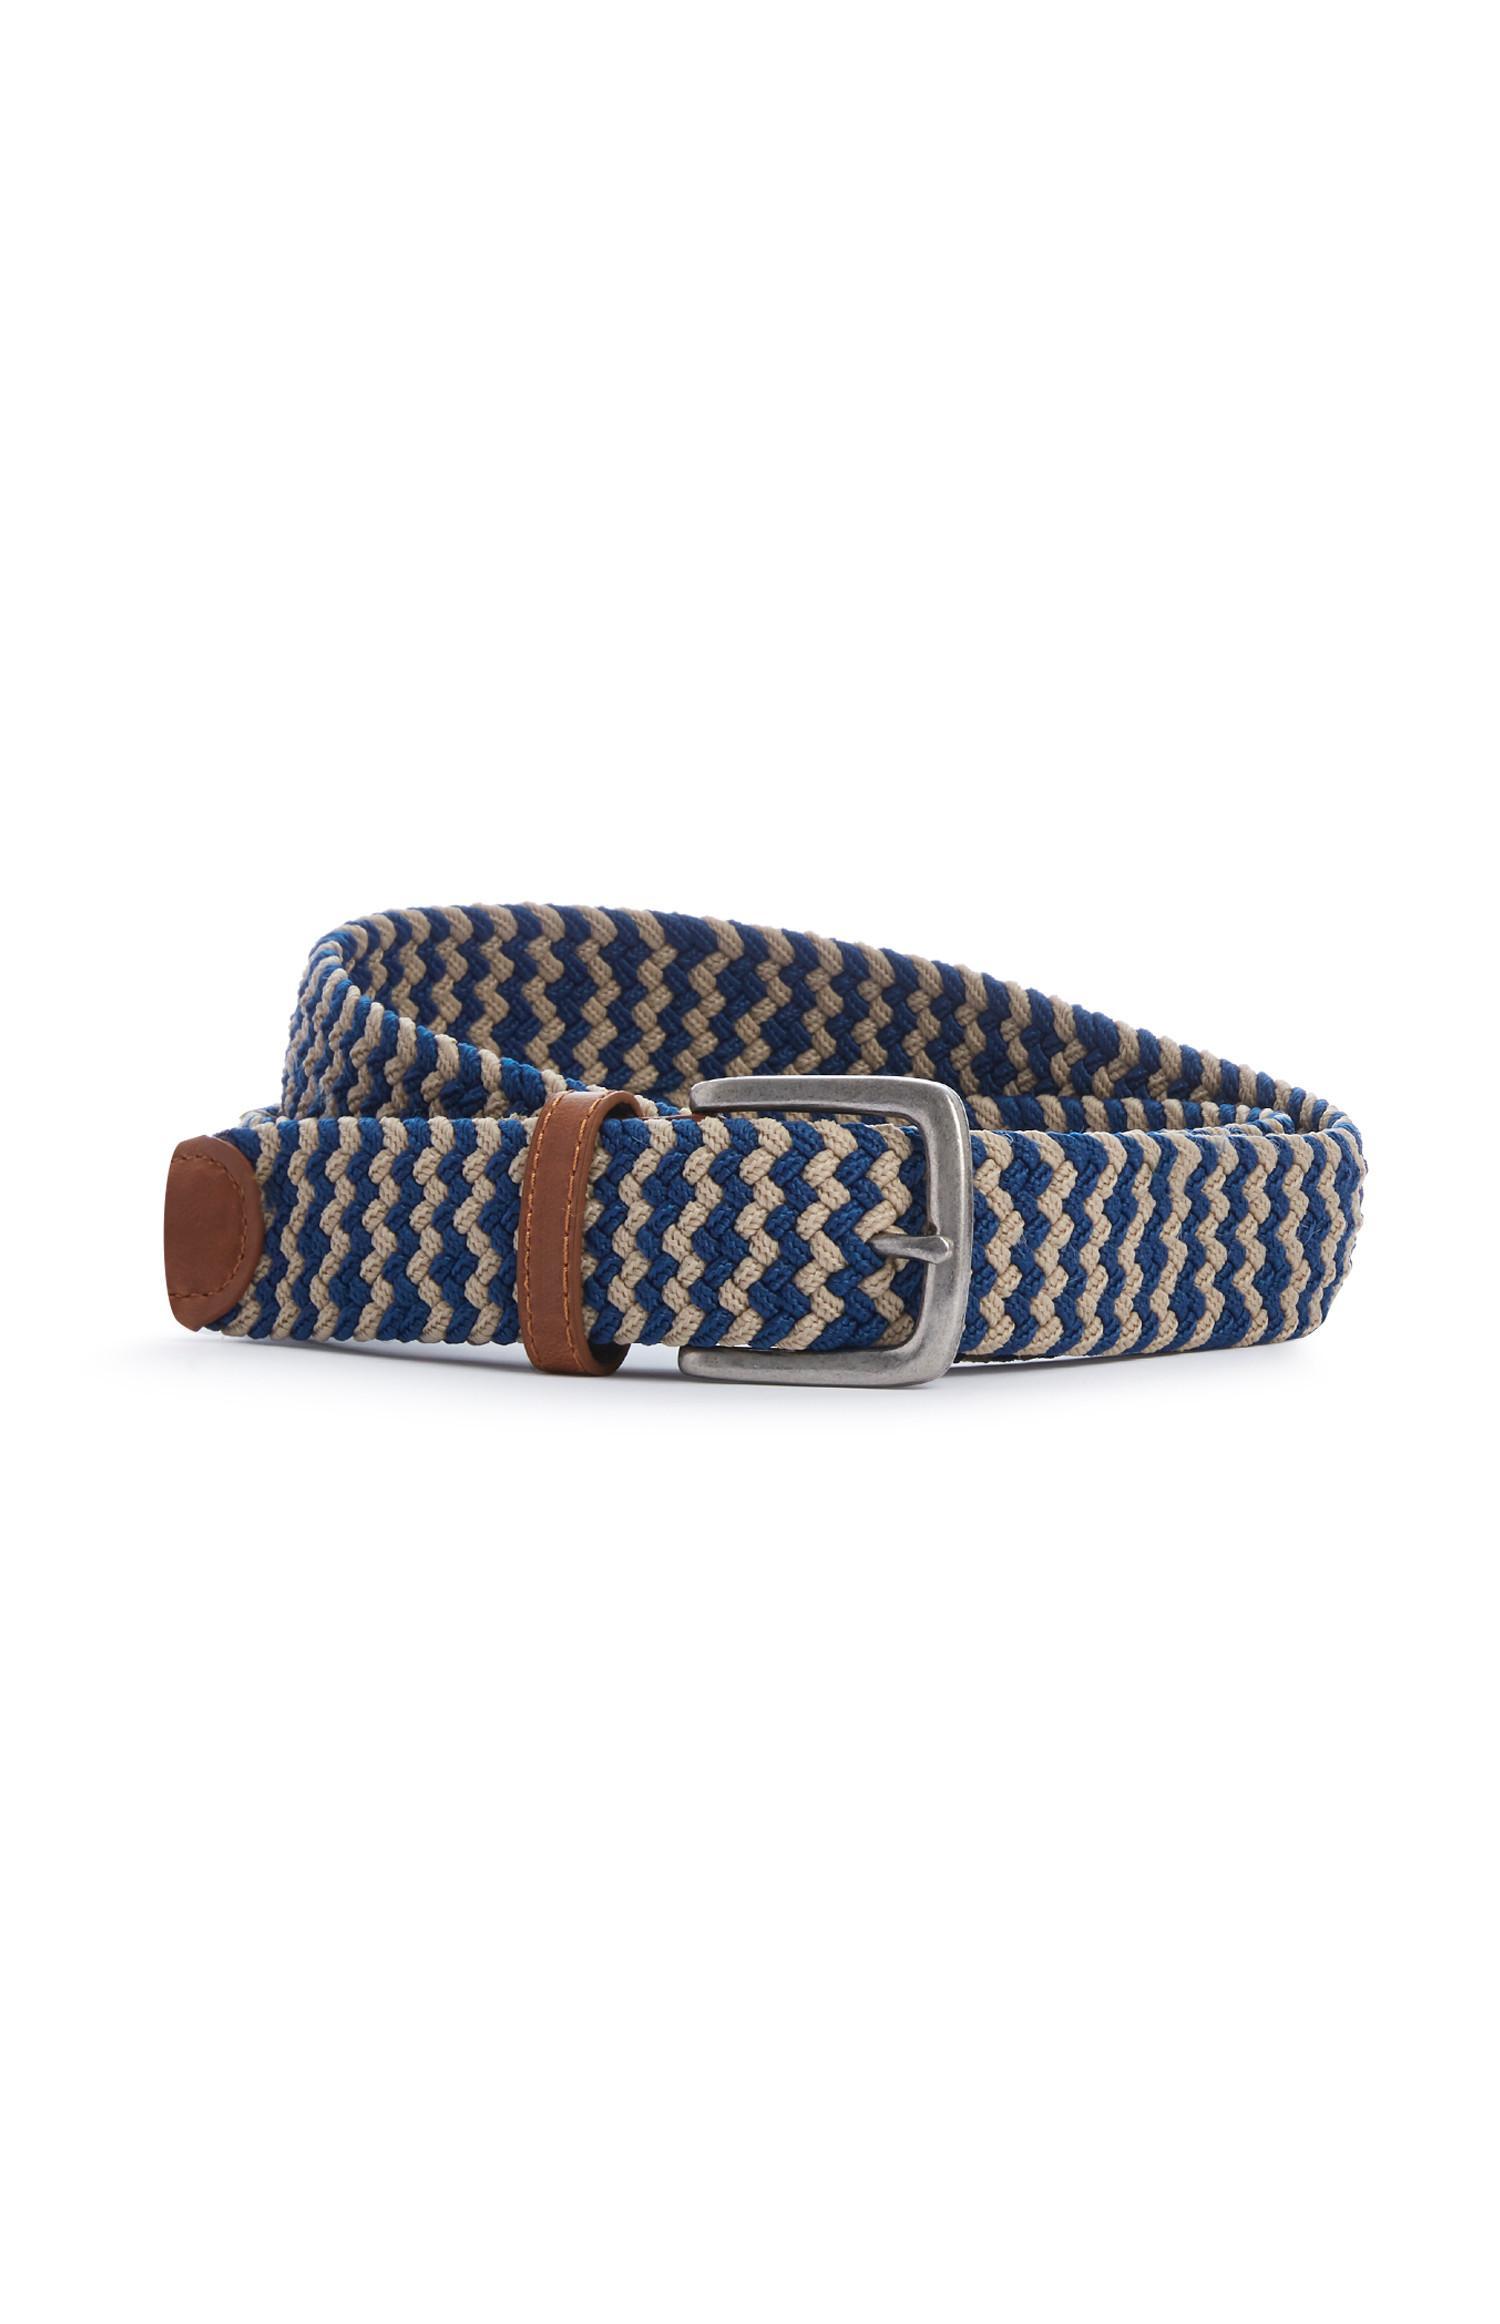 Blue Woven Fabric Belt